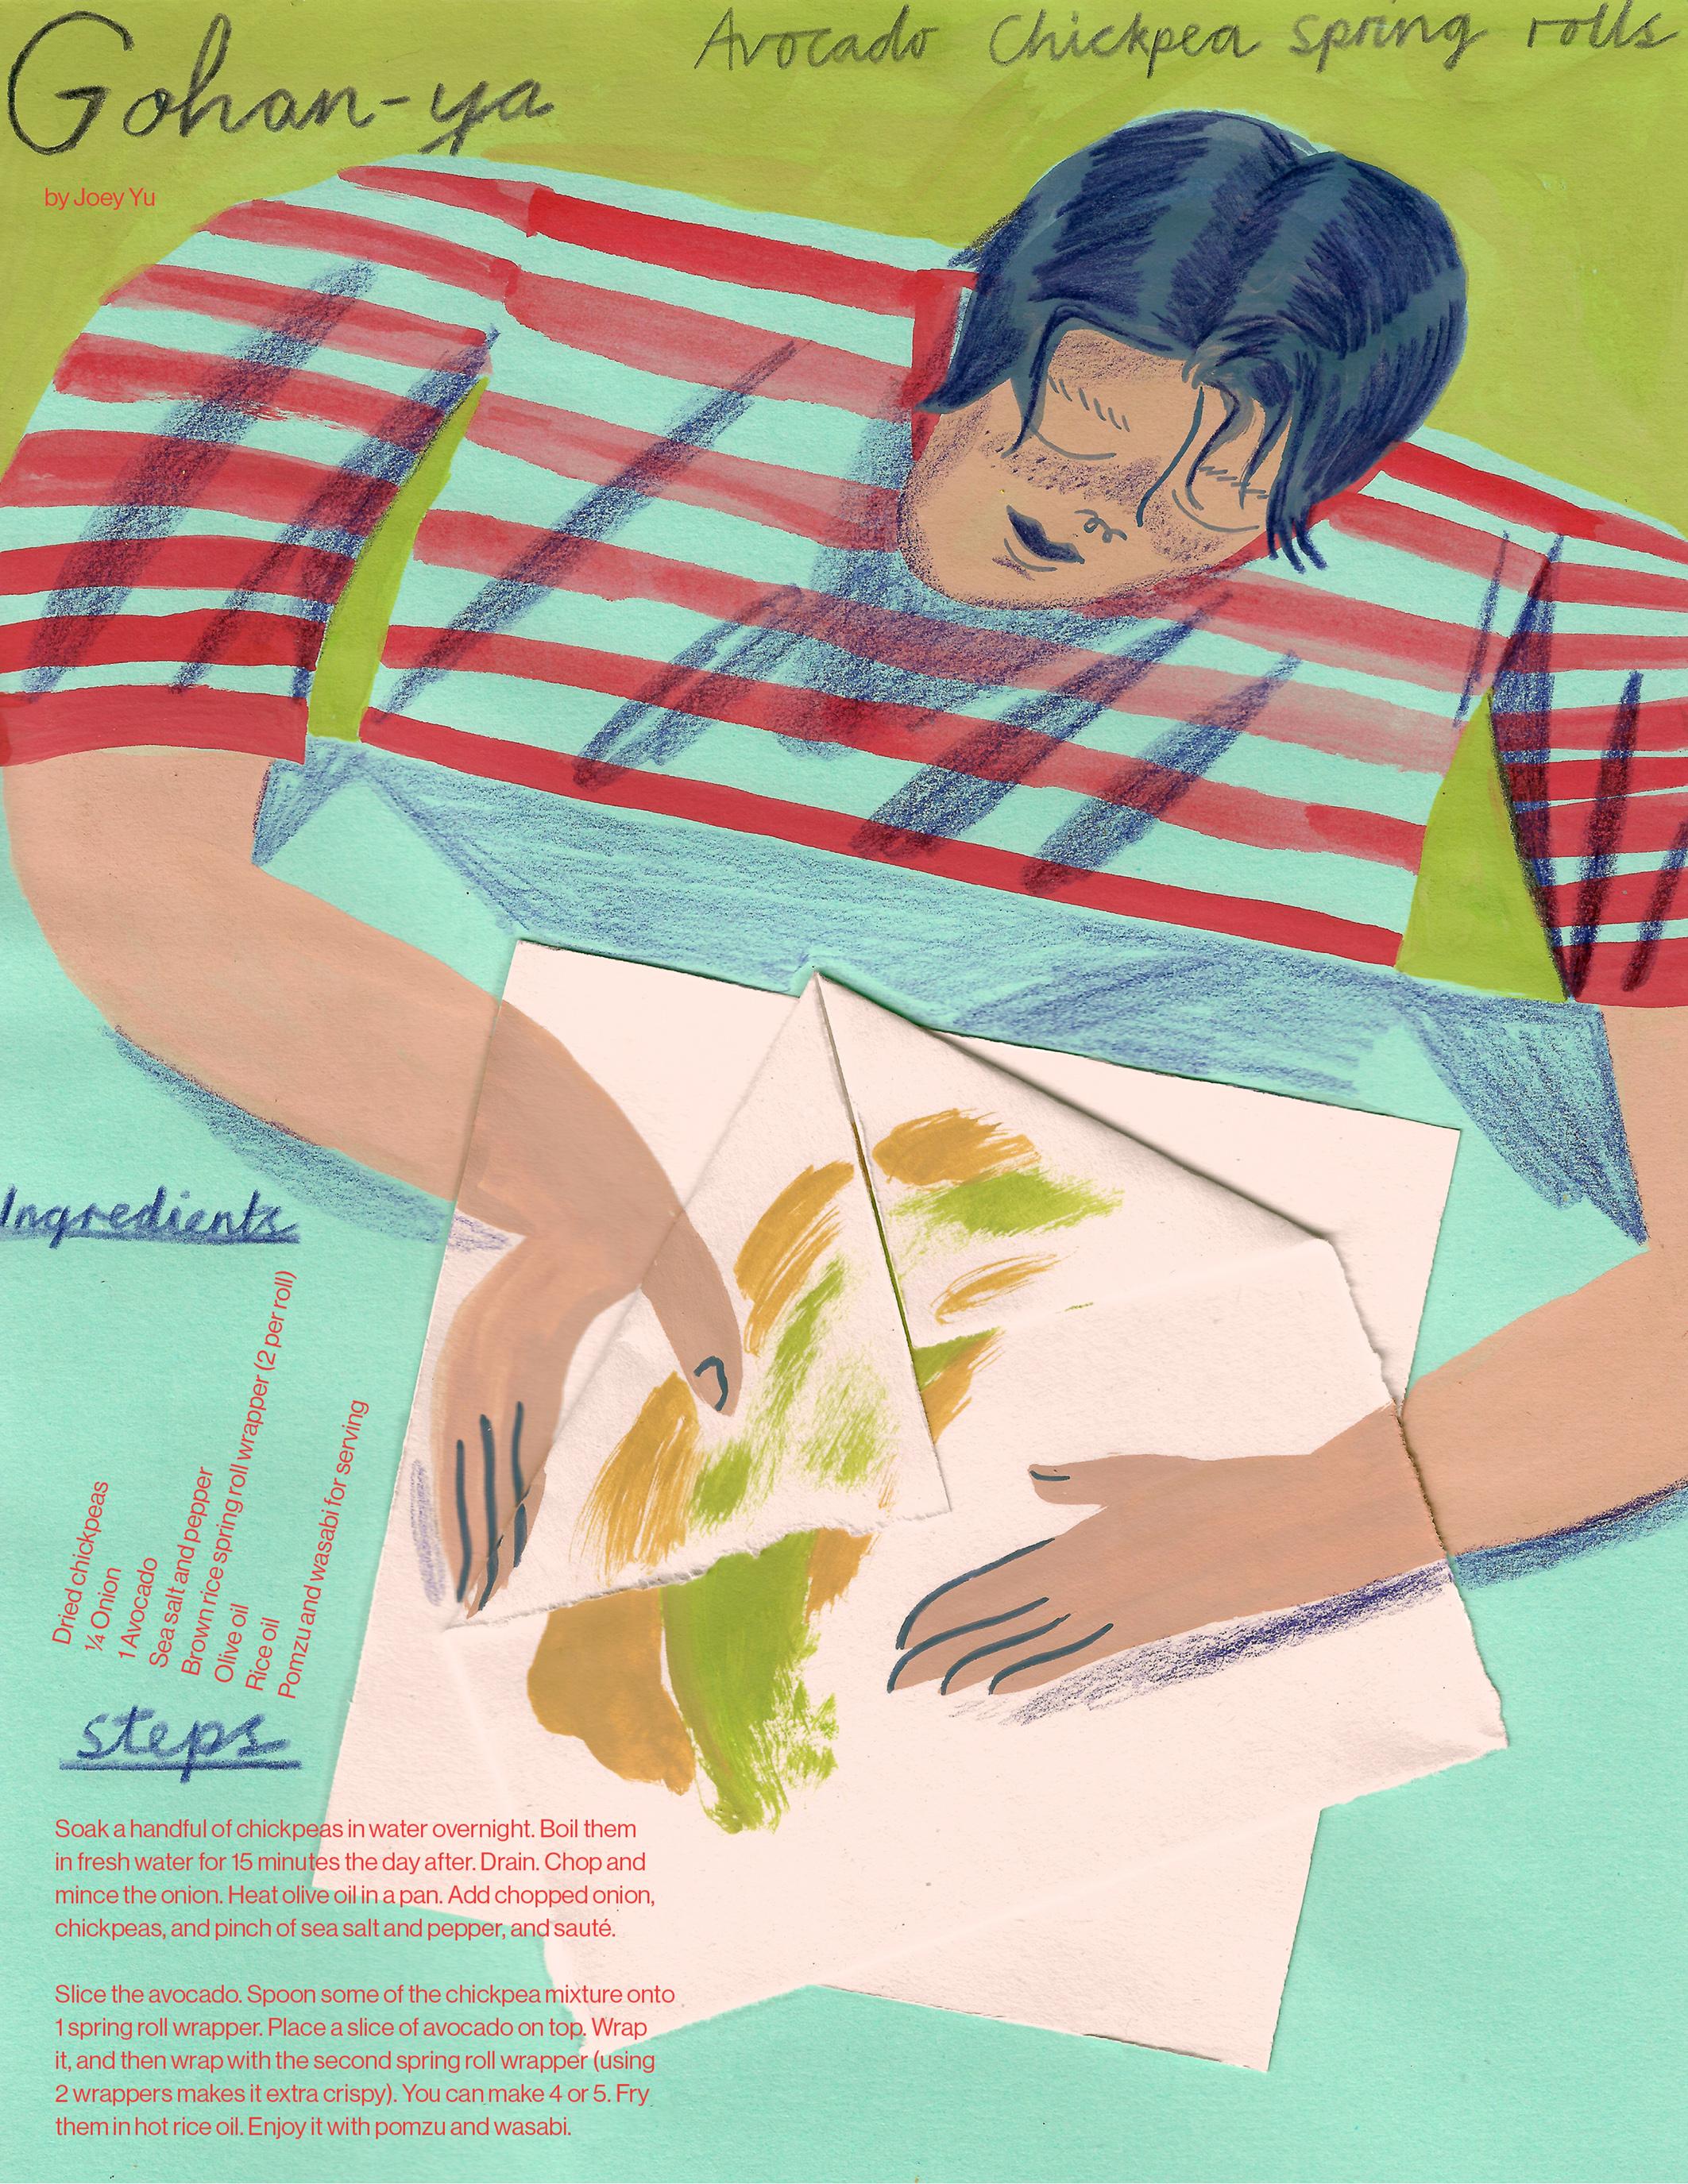 Gohan-ya Recipe